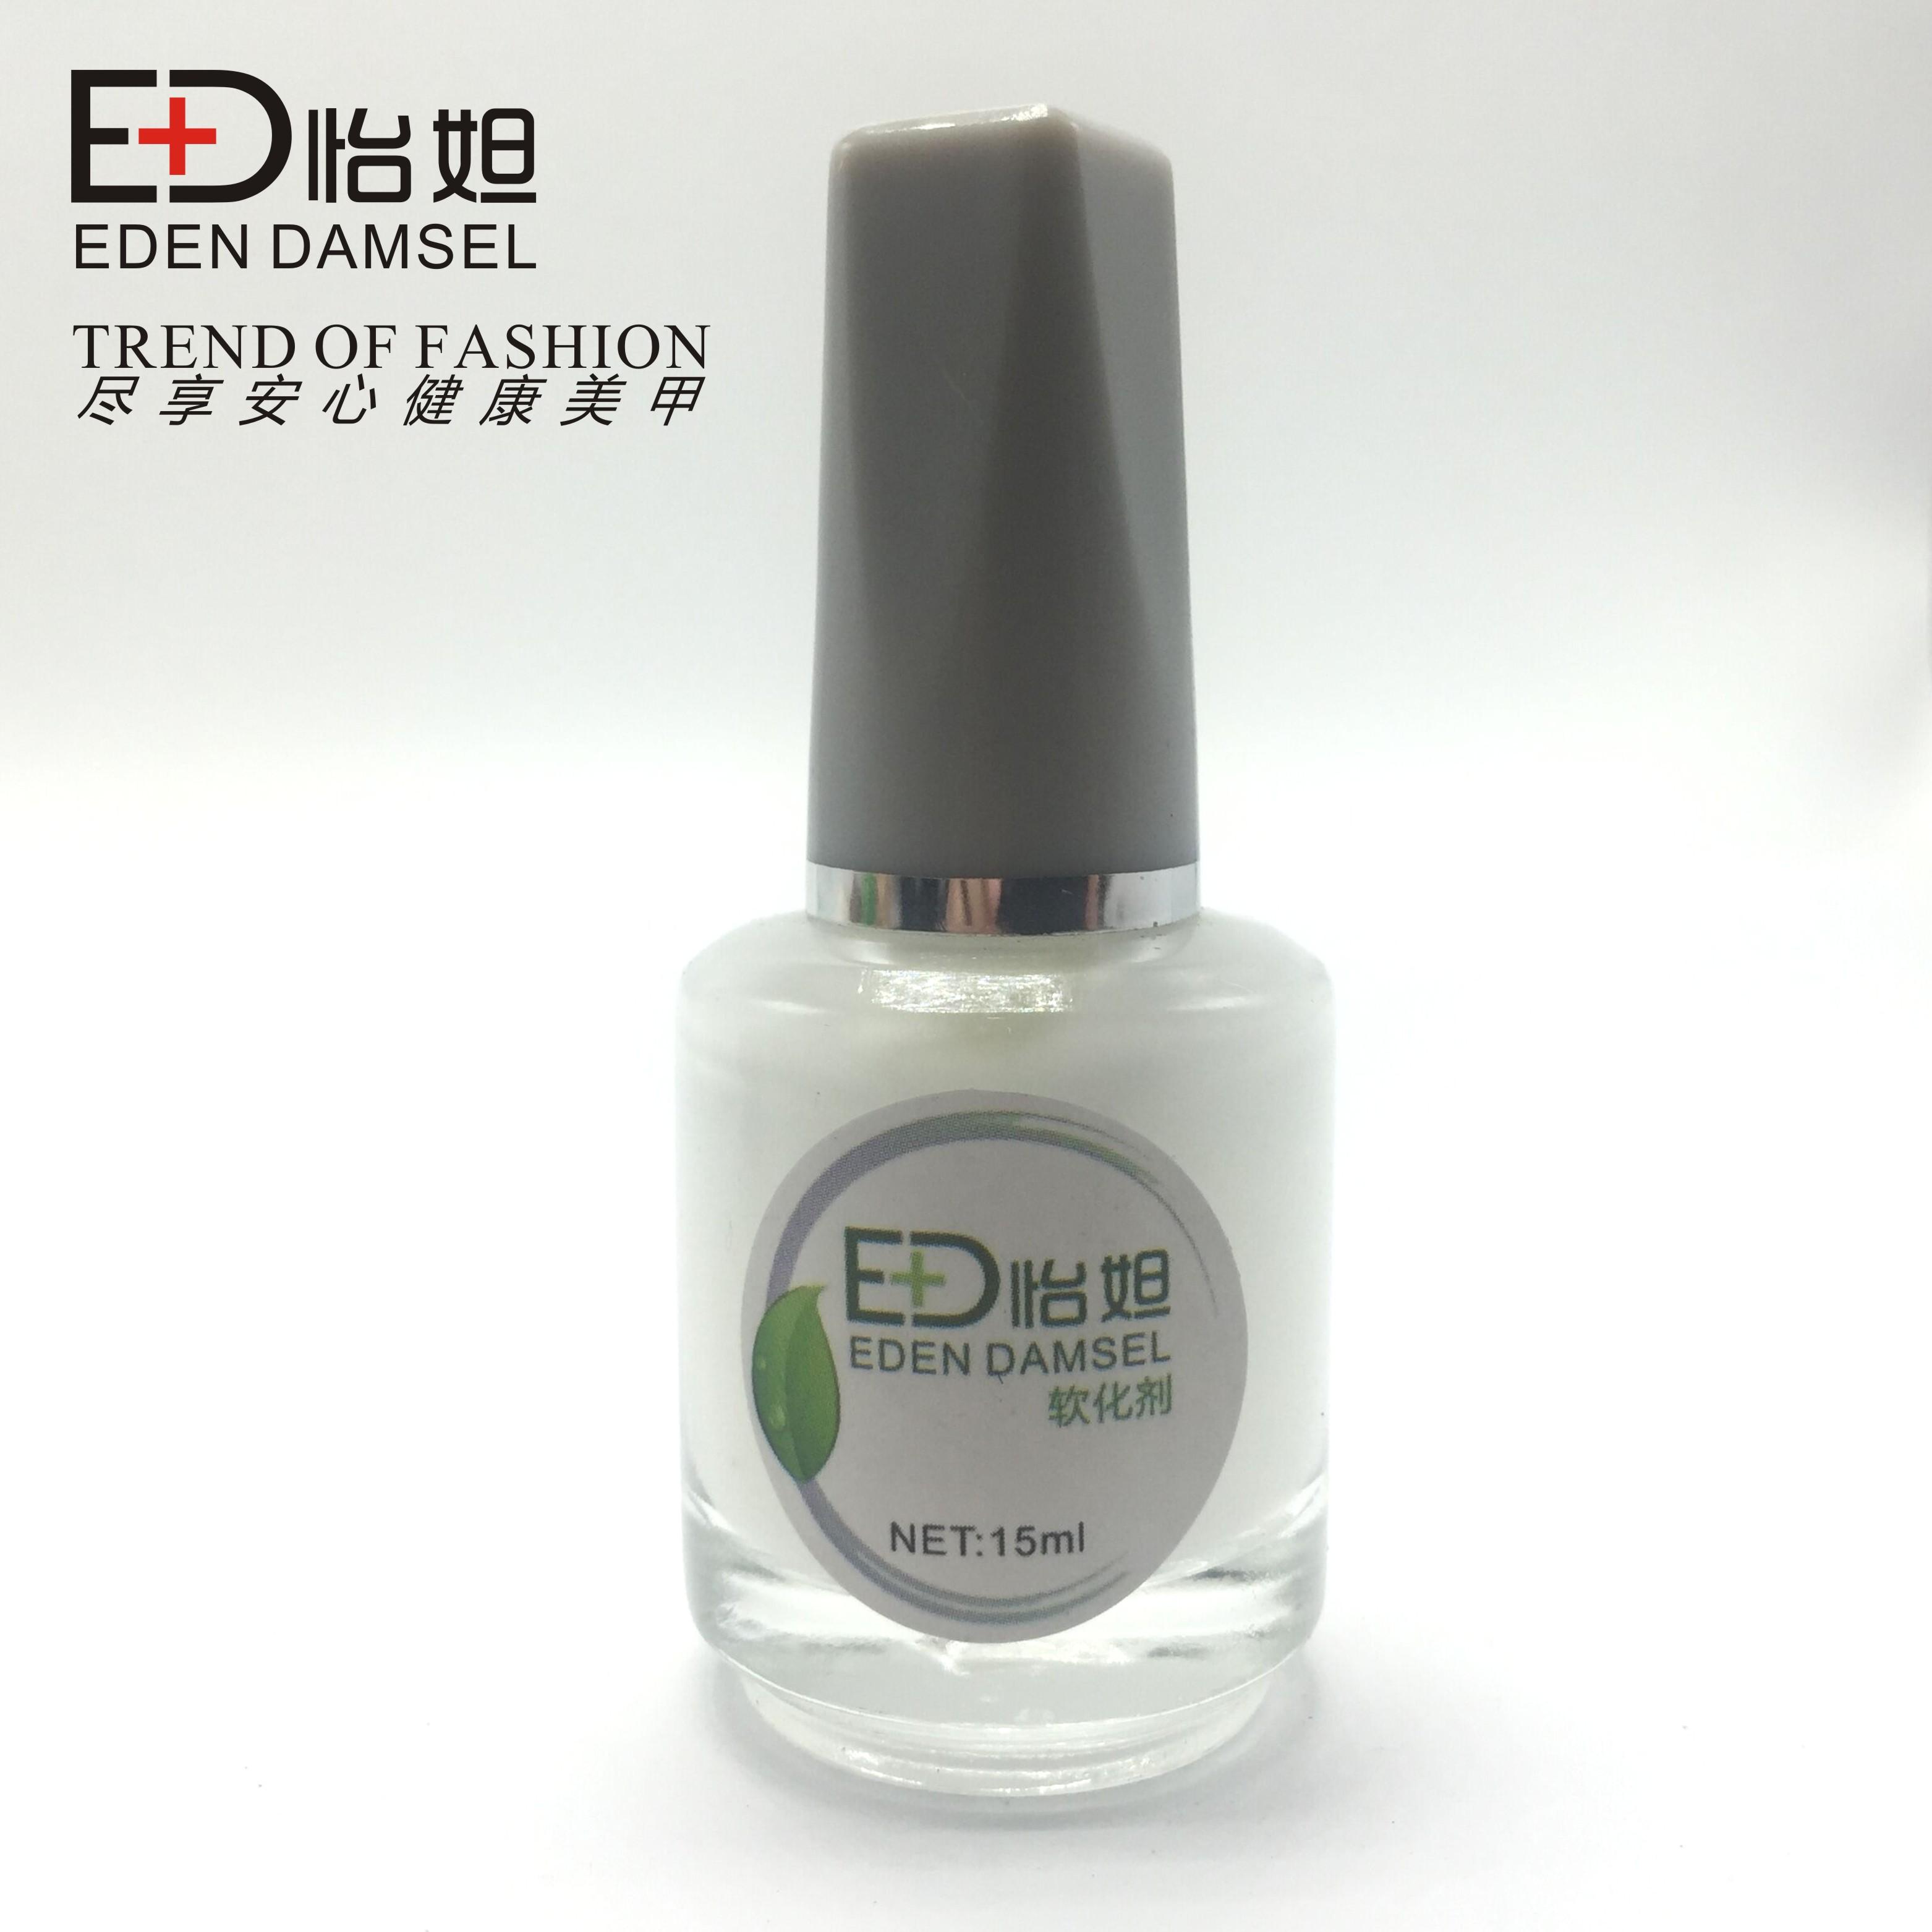 Sản phẩm làm móng tay ED Yiyin tẩy tế bào chết làm mềm ngón tay dinh dưỡng sửa chữa dầu kem chống-barbed chăm sóc sơn móng tay keo